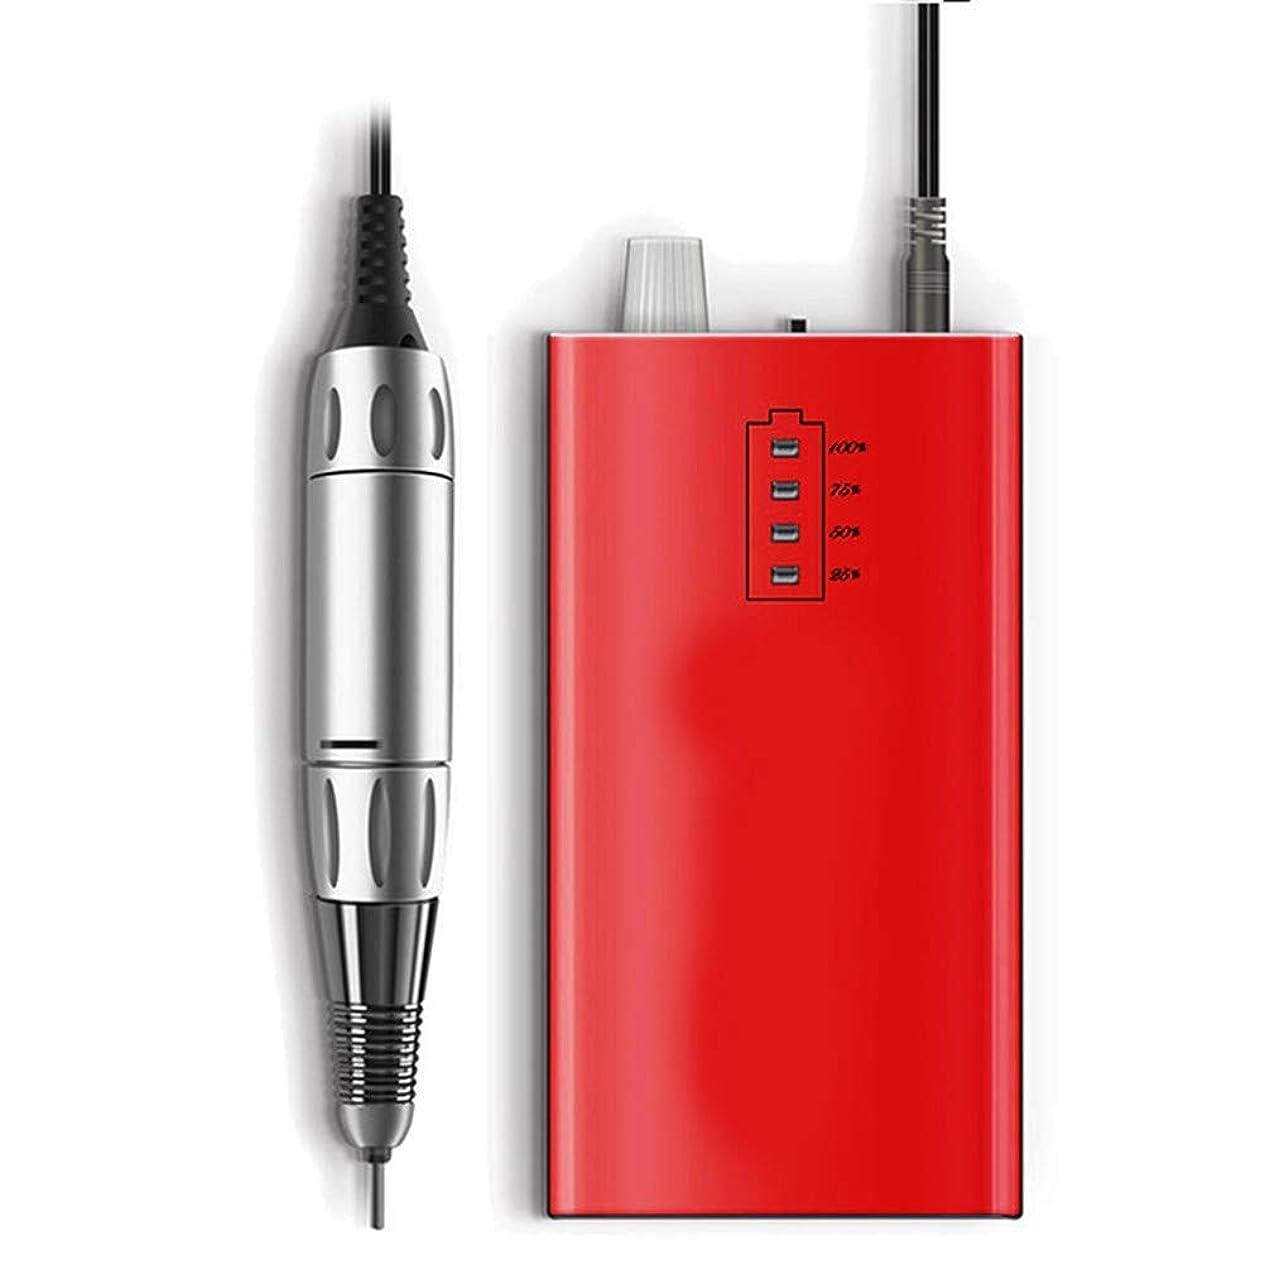 グローホールドオールホスト30000 rpmネイルマニキュアドリル機アクリル電動マニキュア装置ポータブルネイルアート機器装飾用ネイル、ピンク,赤